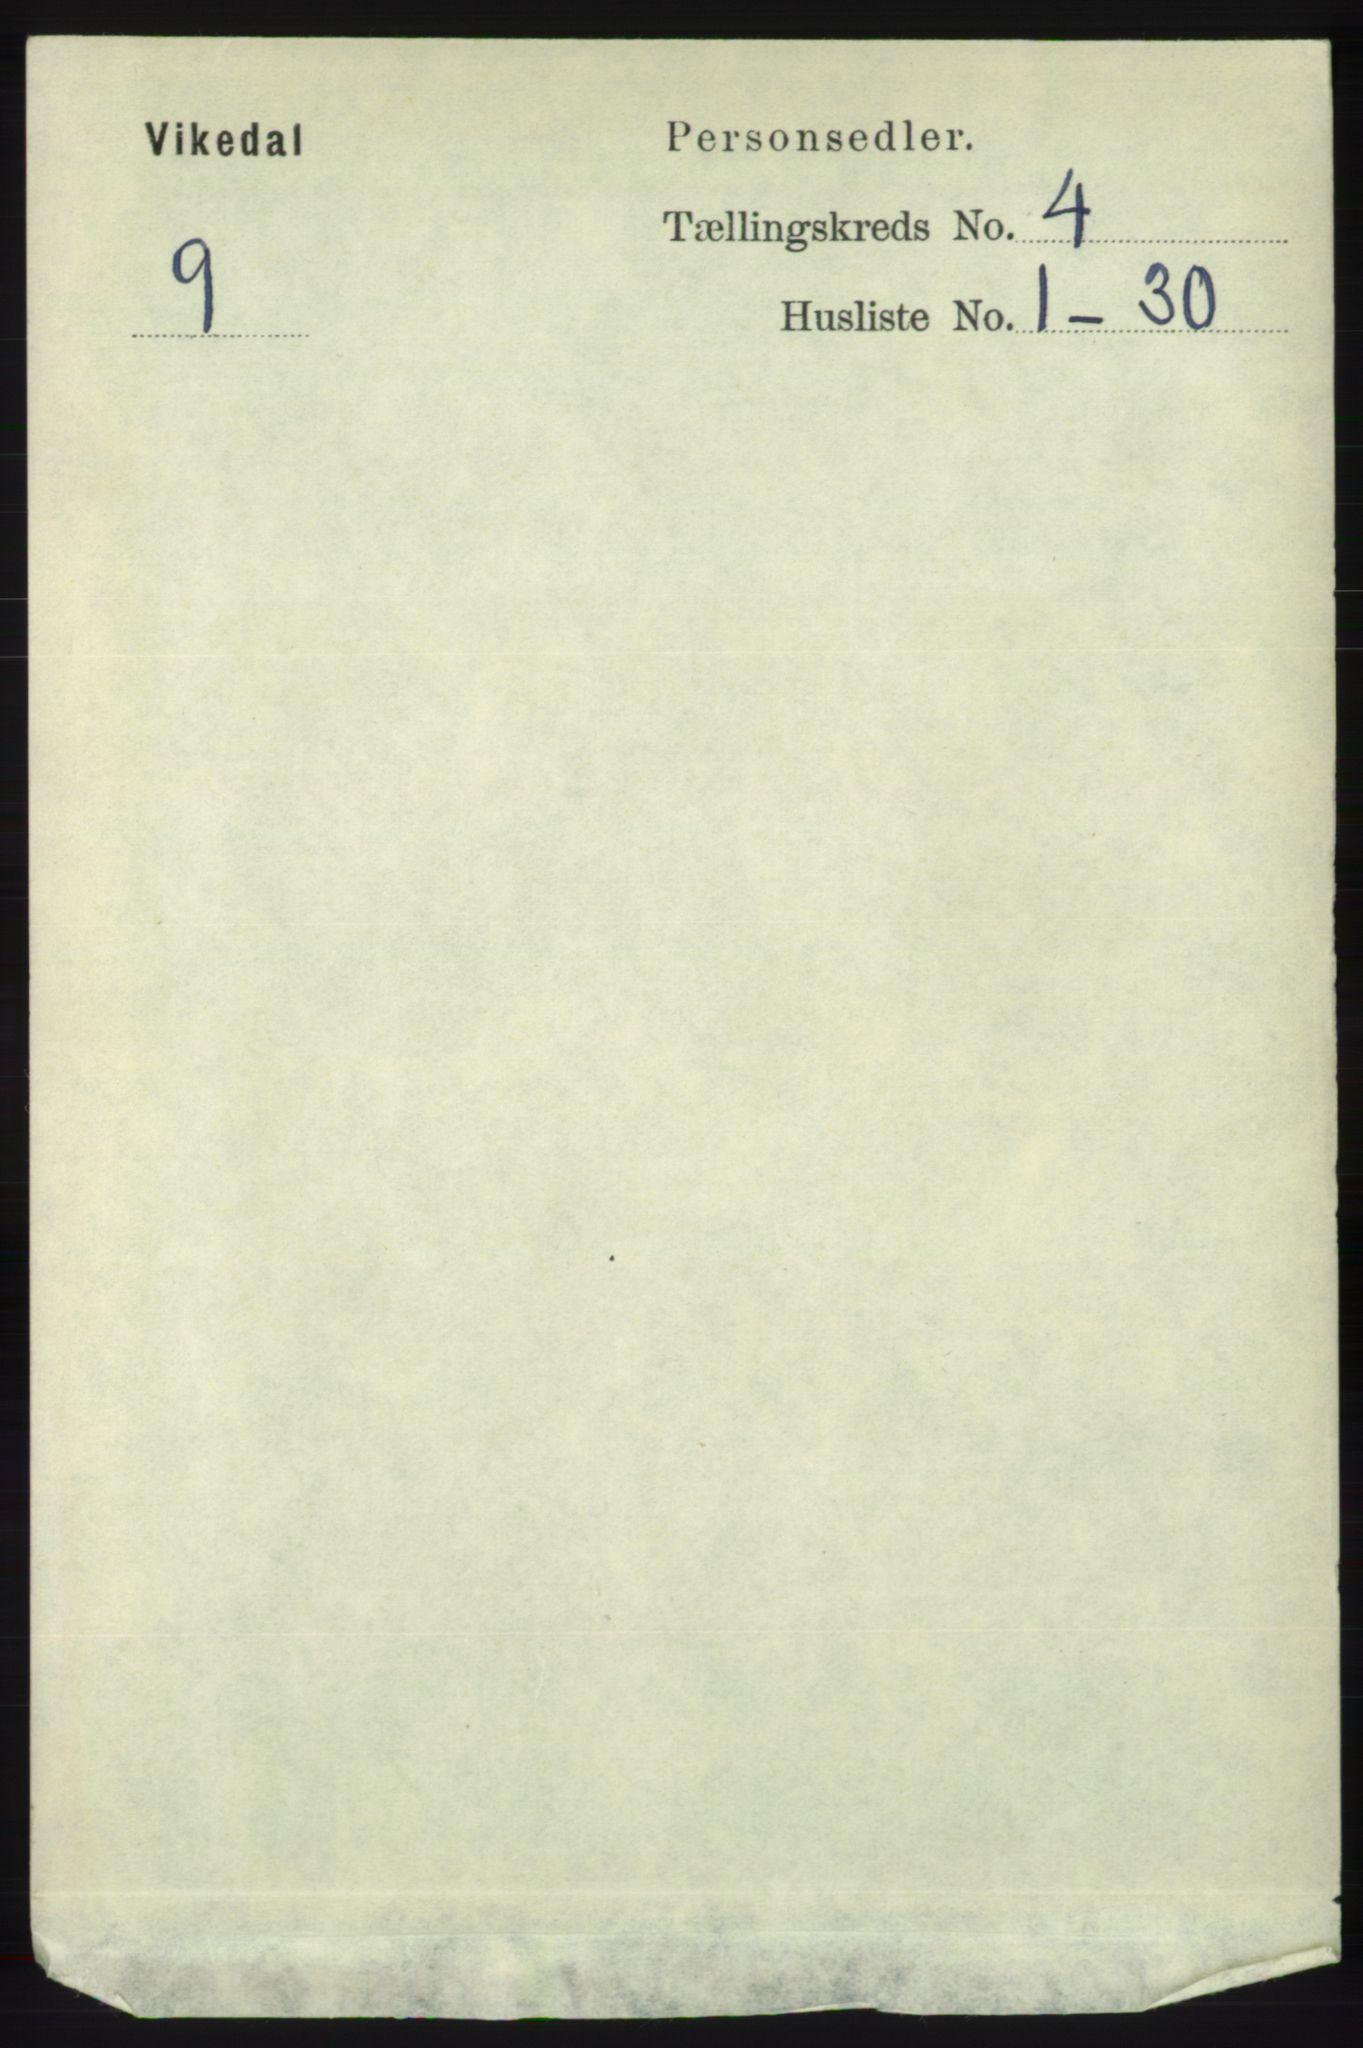 RA, Folketelling 1891 for 1157 Vikedal herred, 1891, s. 929